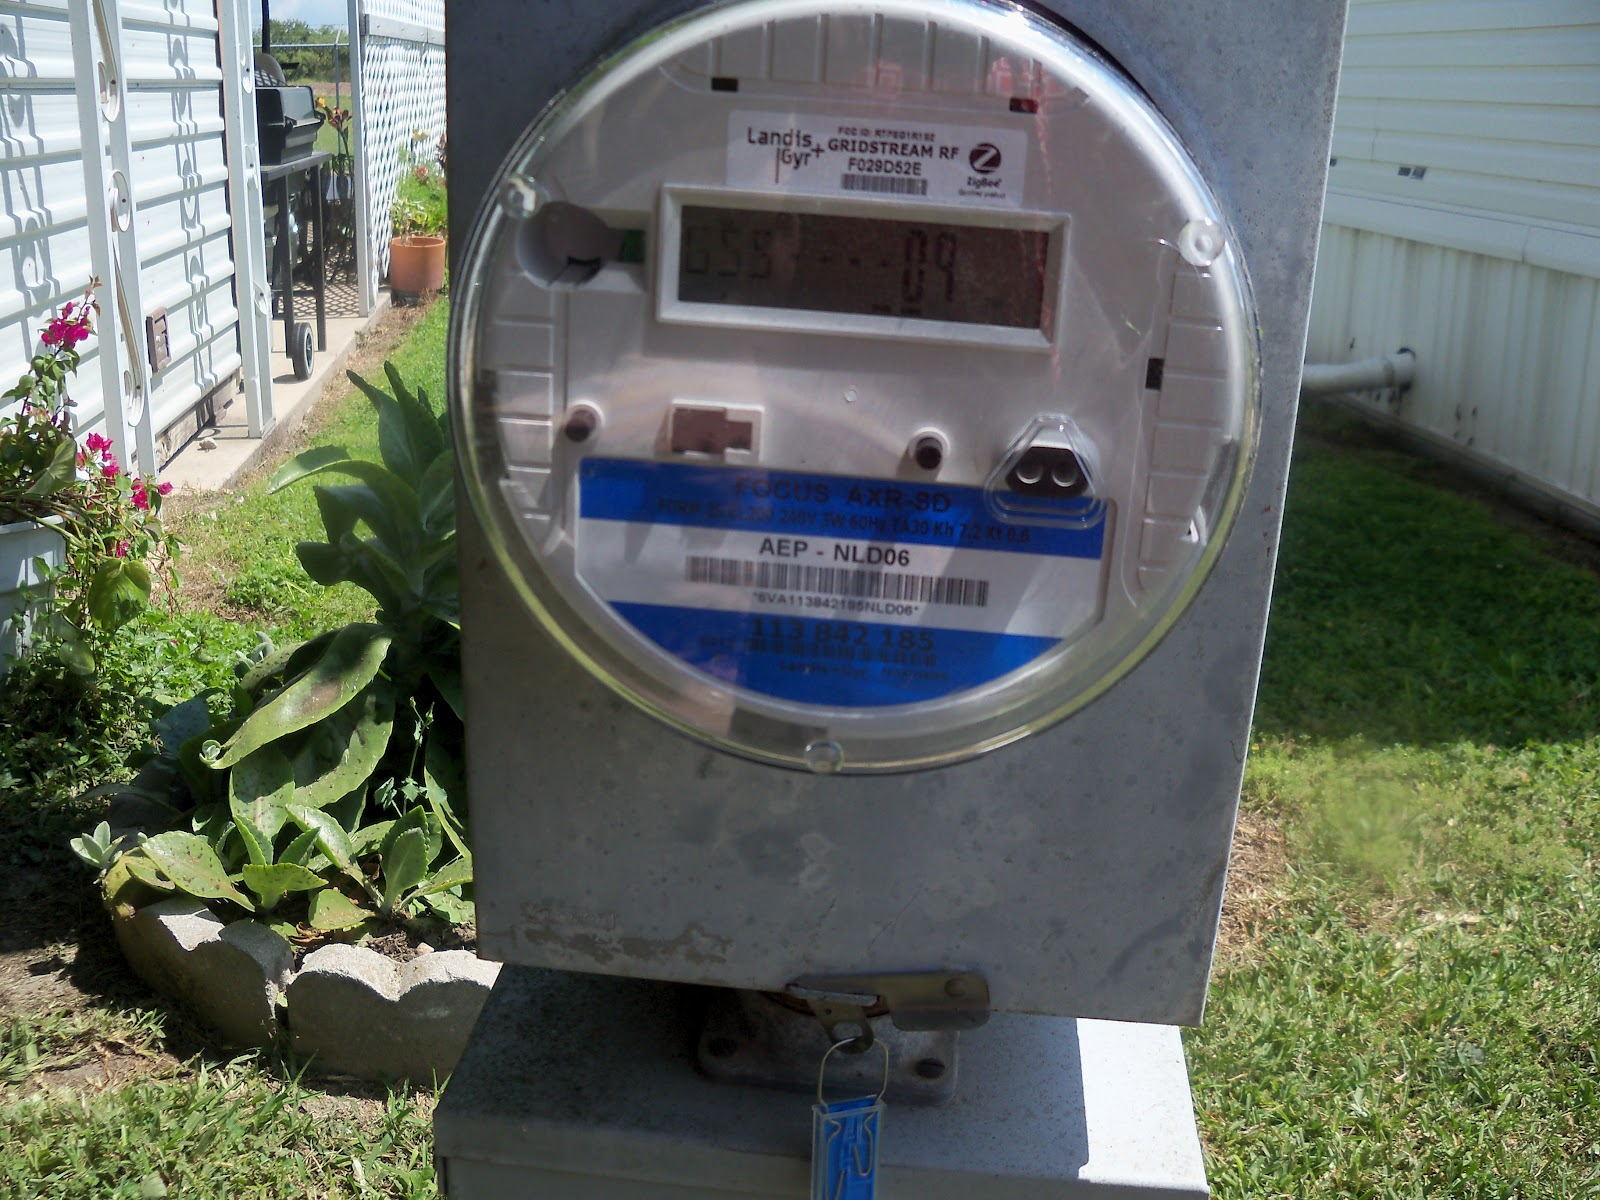 New Digital Electric Meter : Donna s ramblings at r v e new digital electric meters